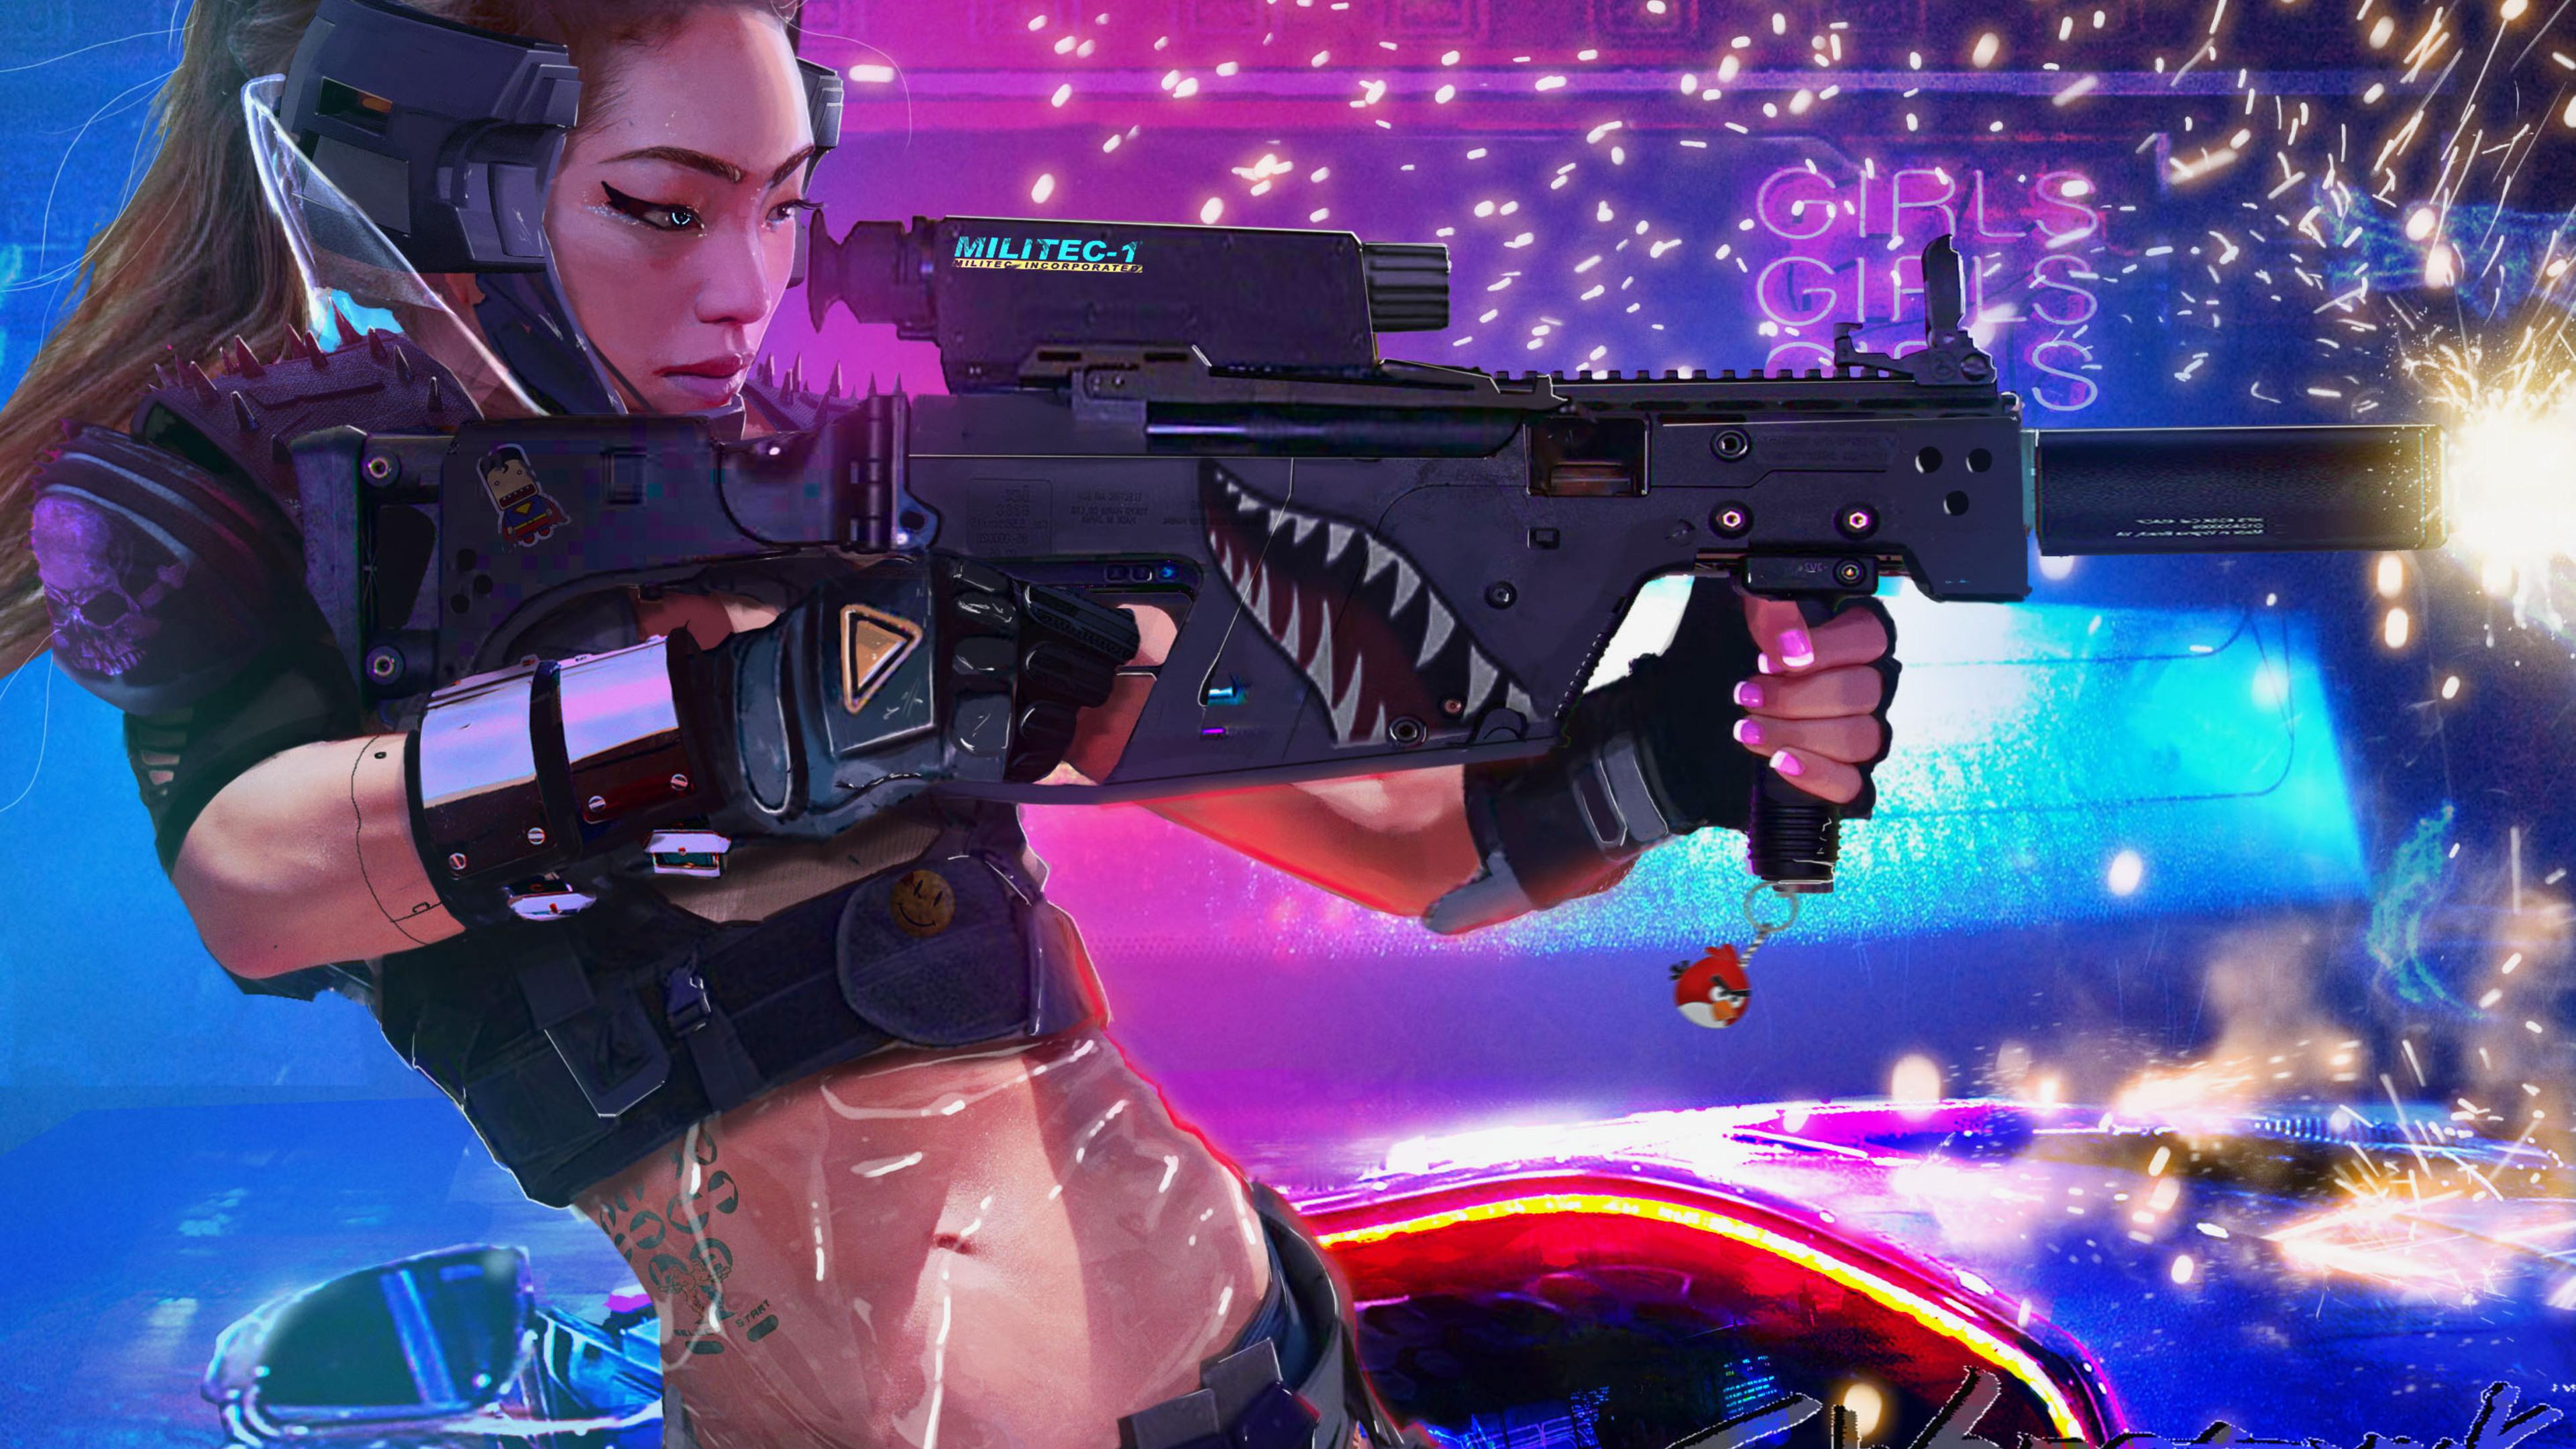 asian-girl-cyberpunk-2077_1541295325.jpg - Cyberpunk 2077